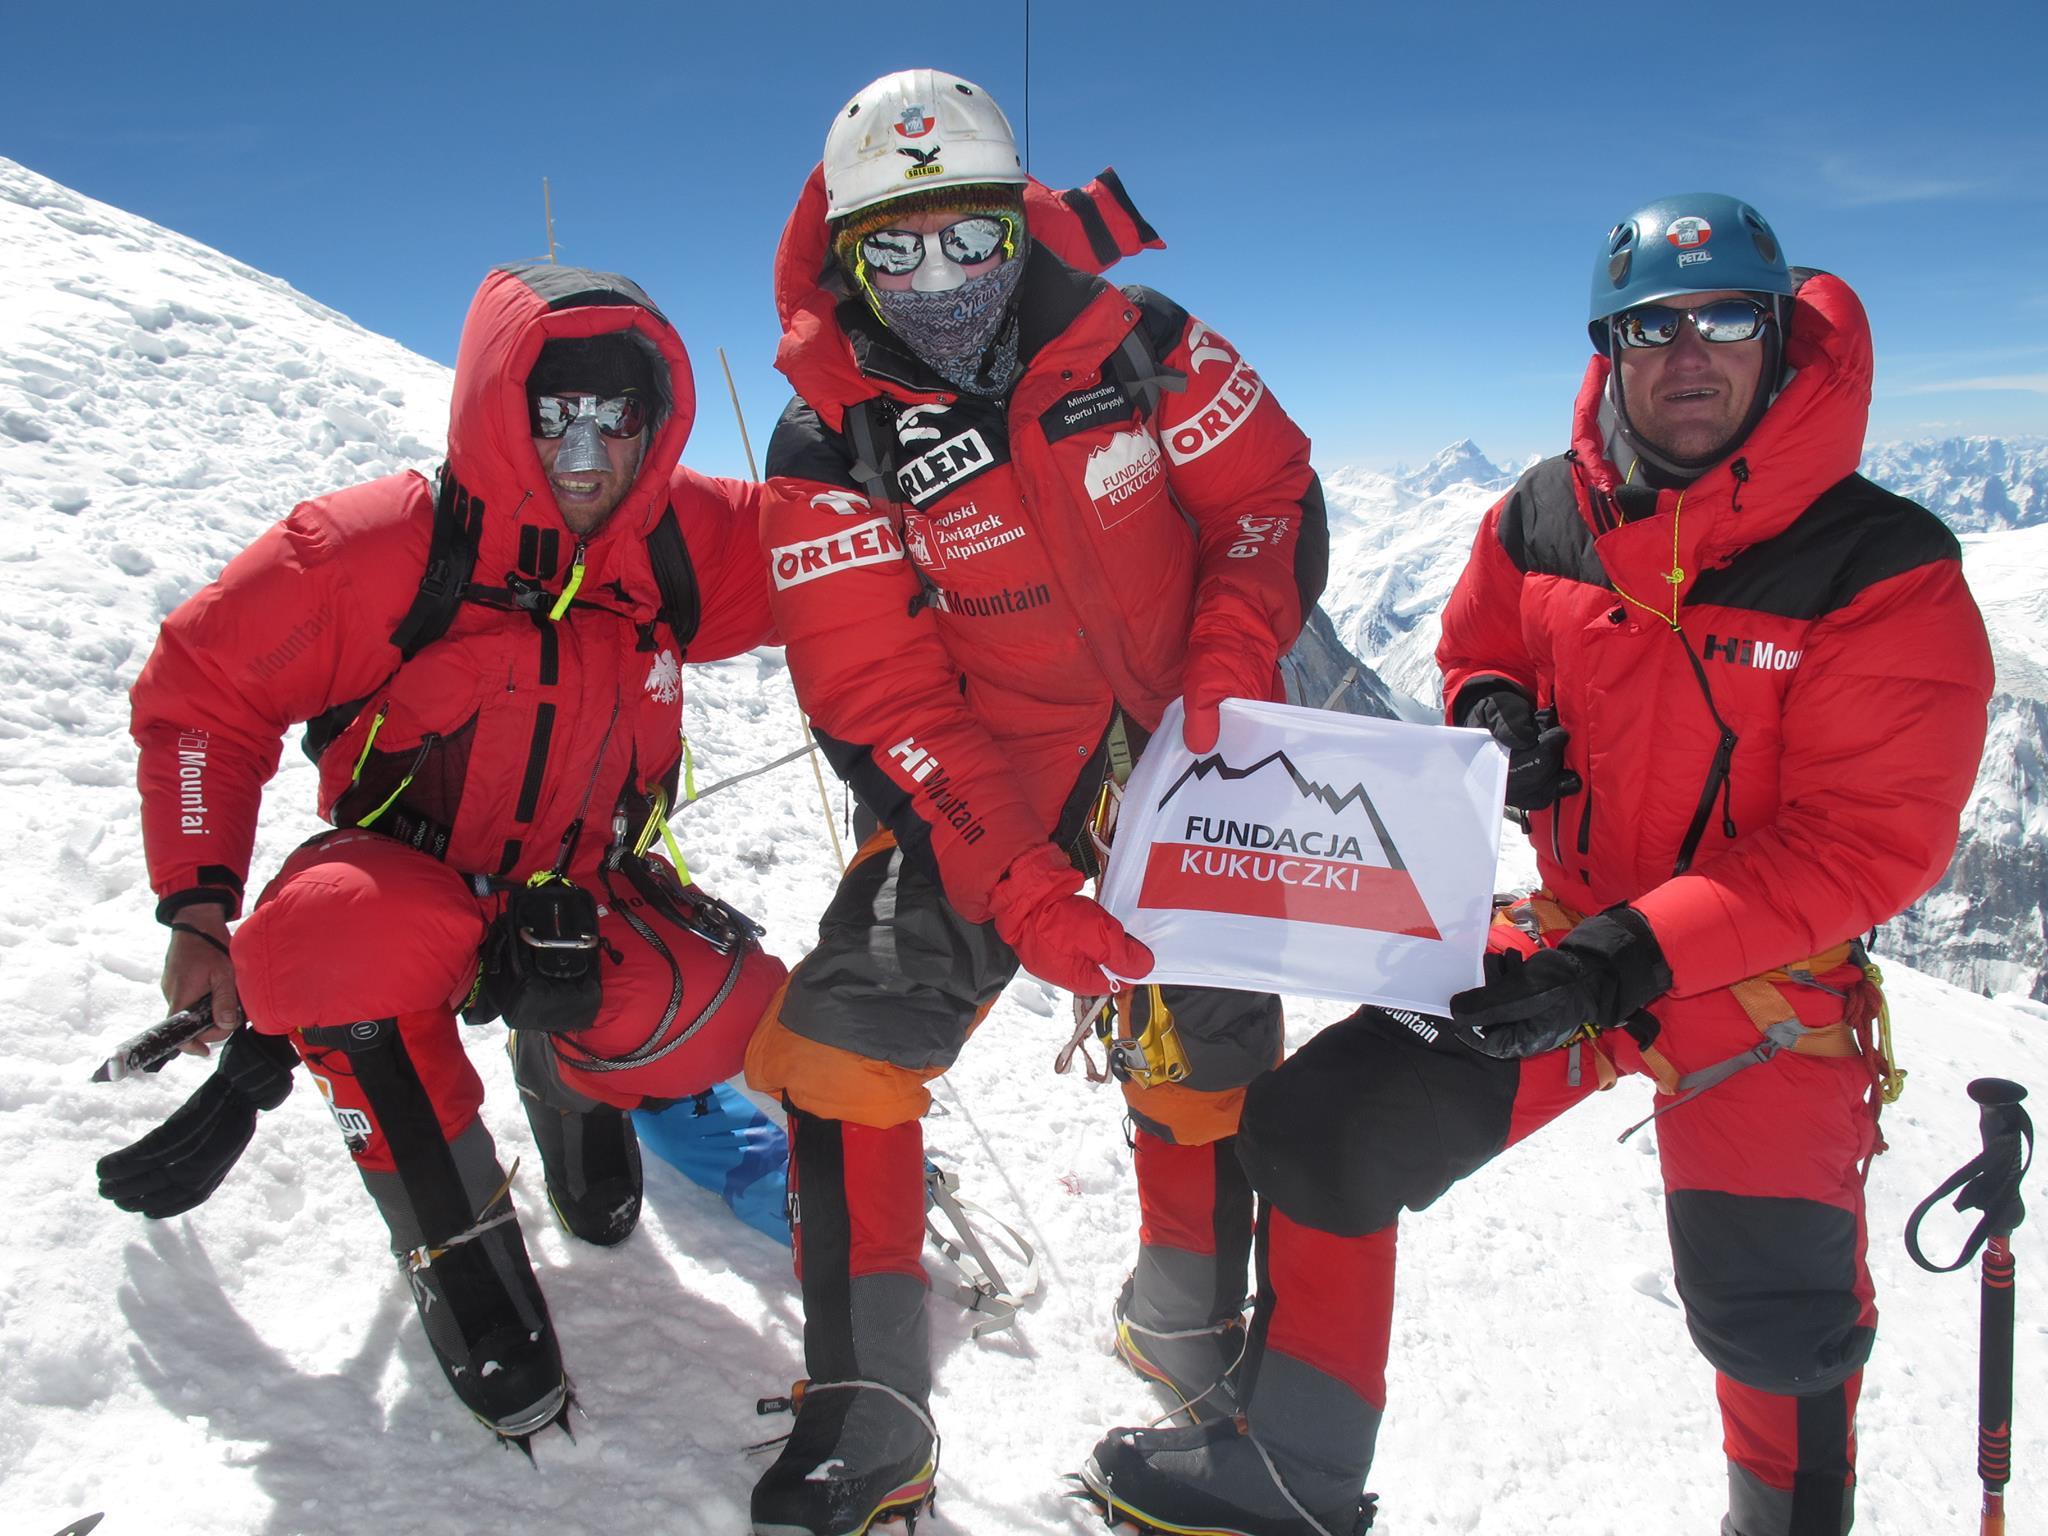 Na szczycie Broad Peaku, 27 lipca 2014. Od lewej: Piotr Tomala, Agnieszka Bielecka, Marek Chmielarski. Fot. Piotr Tomala